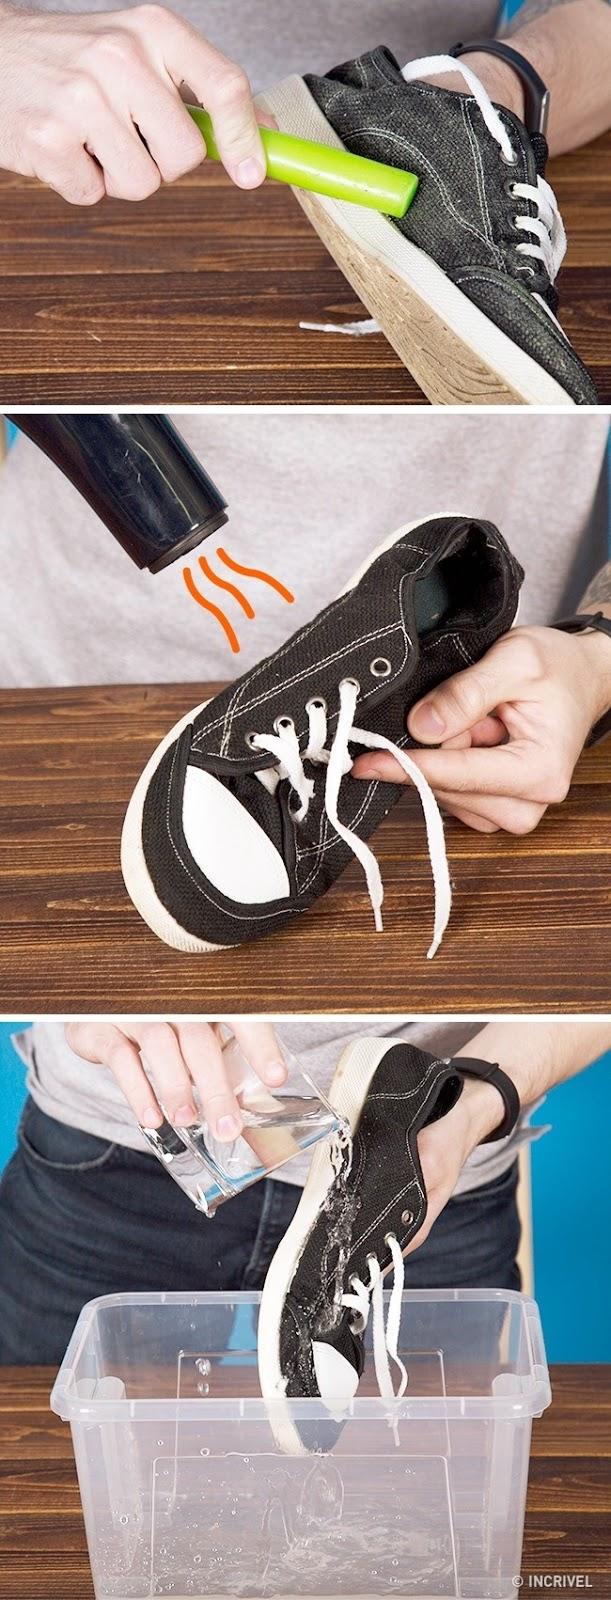 Passando cera nos tênis e secando-os com secador de cabelos, os calçados ficam impermeáveis (Reprodução/Incrível)